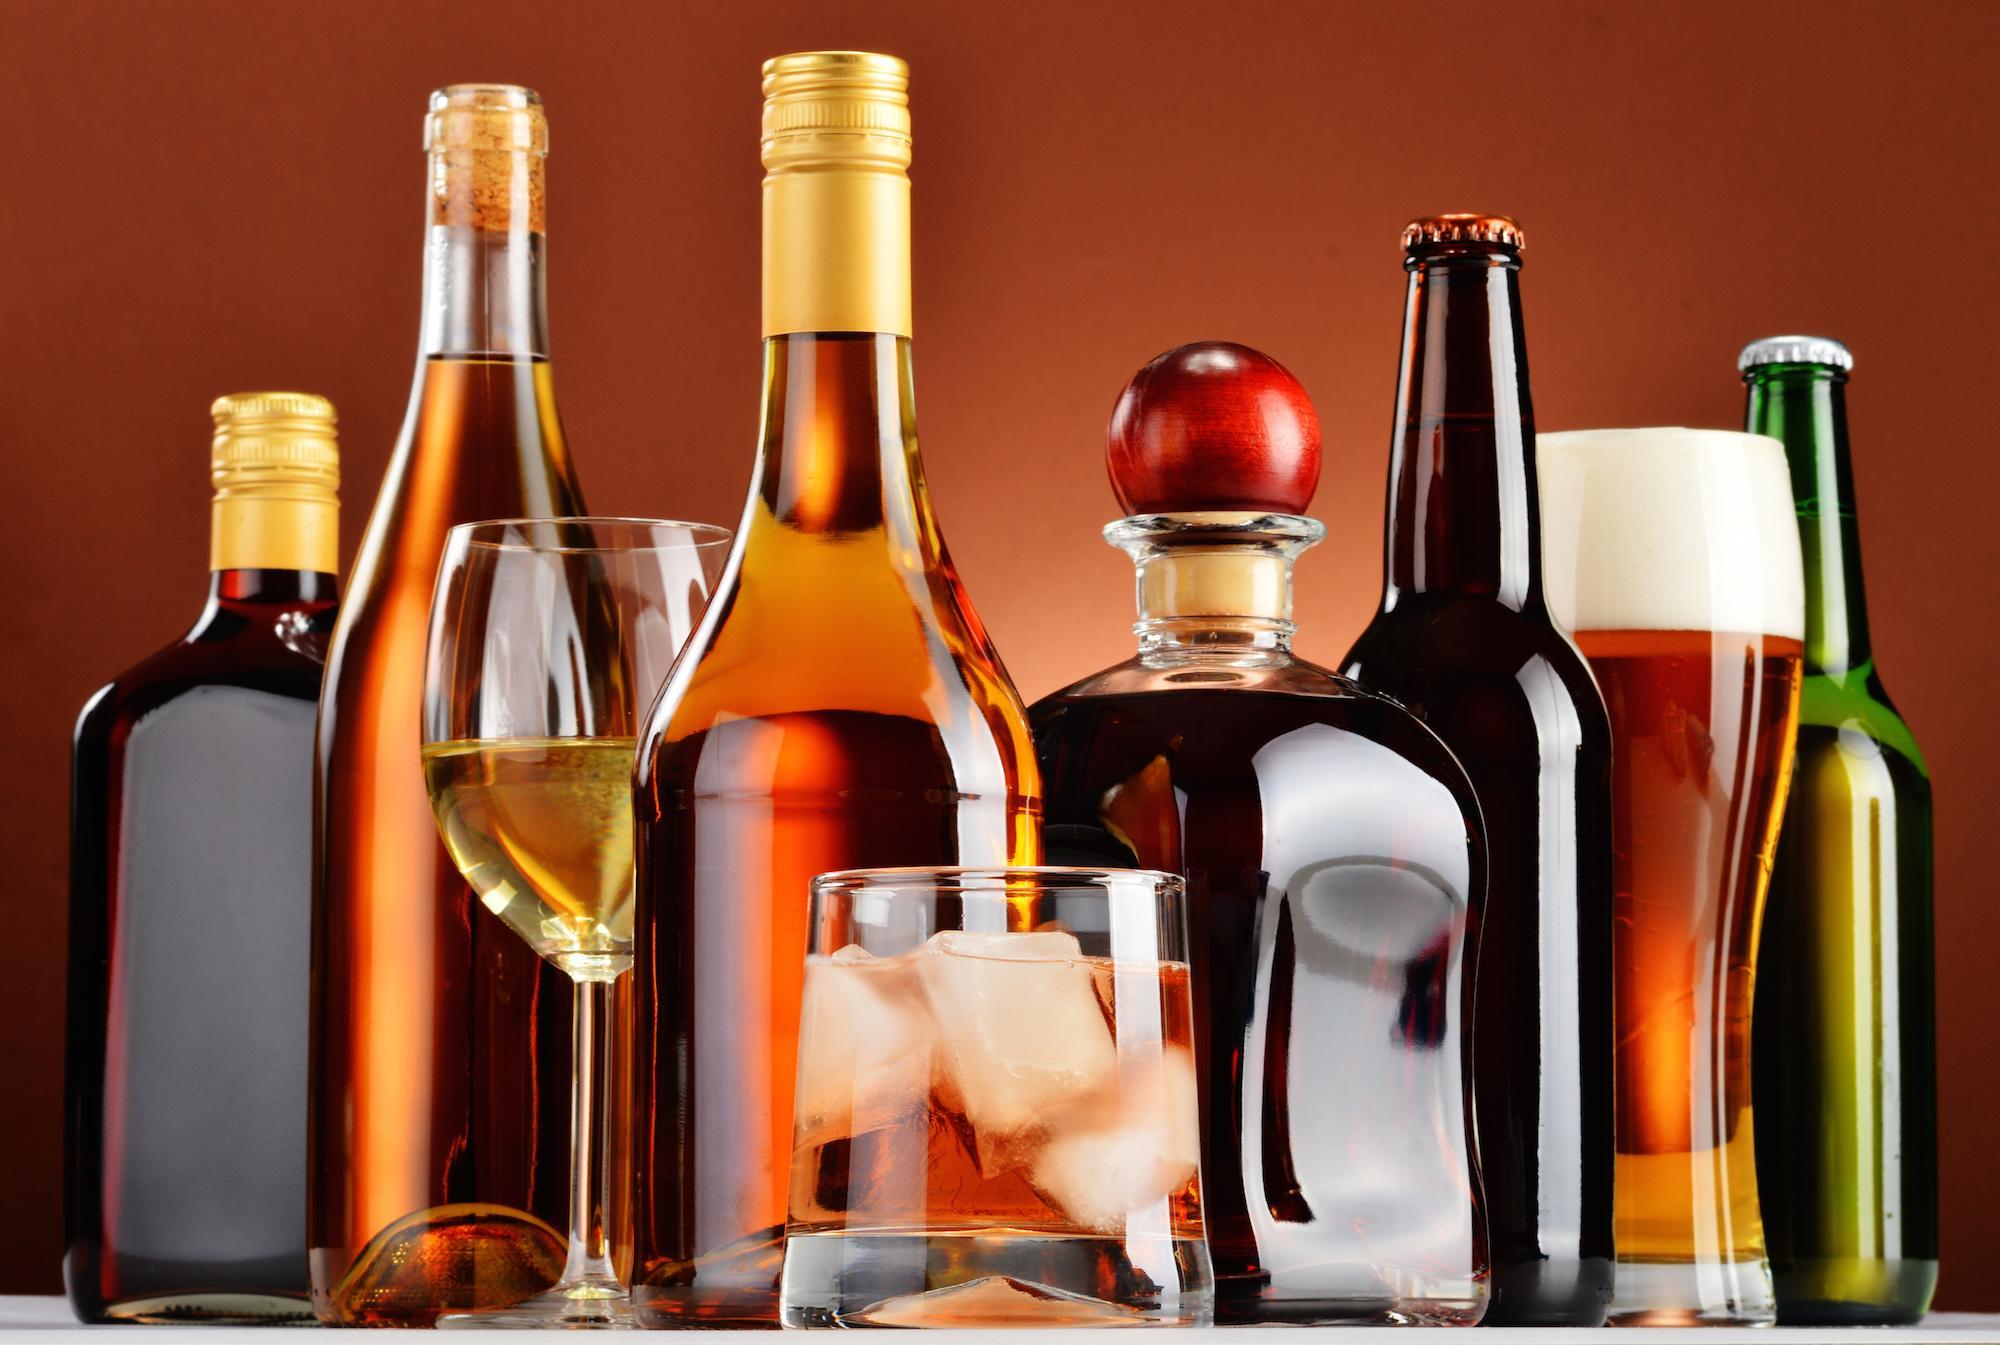 Увлажнение табака алкоголем